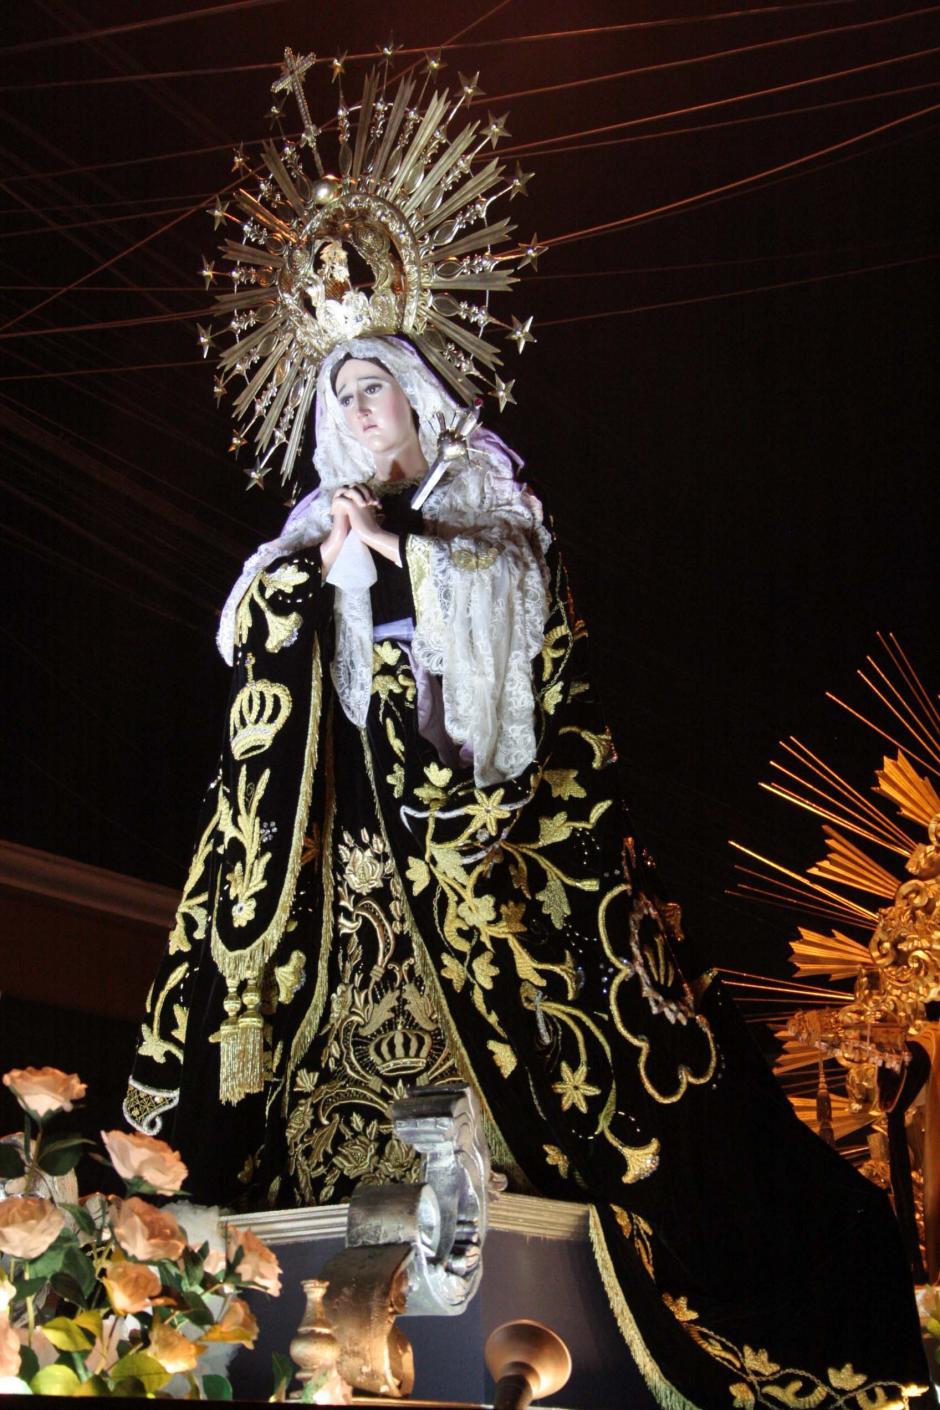 La hermosa imagen de la Virgen de la Soledad recorre las calles en el final de la Semana Santa en Guatemala. (Foto: Raúl Illescas/Soy502)